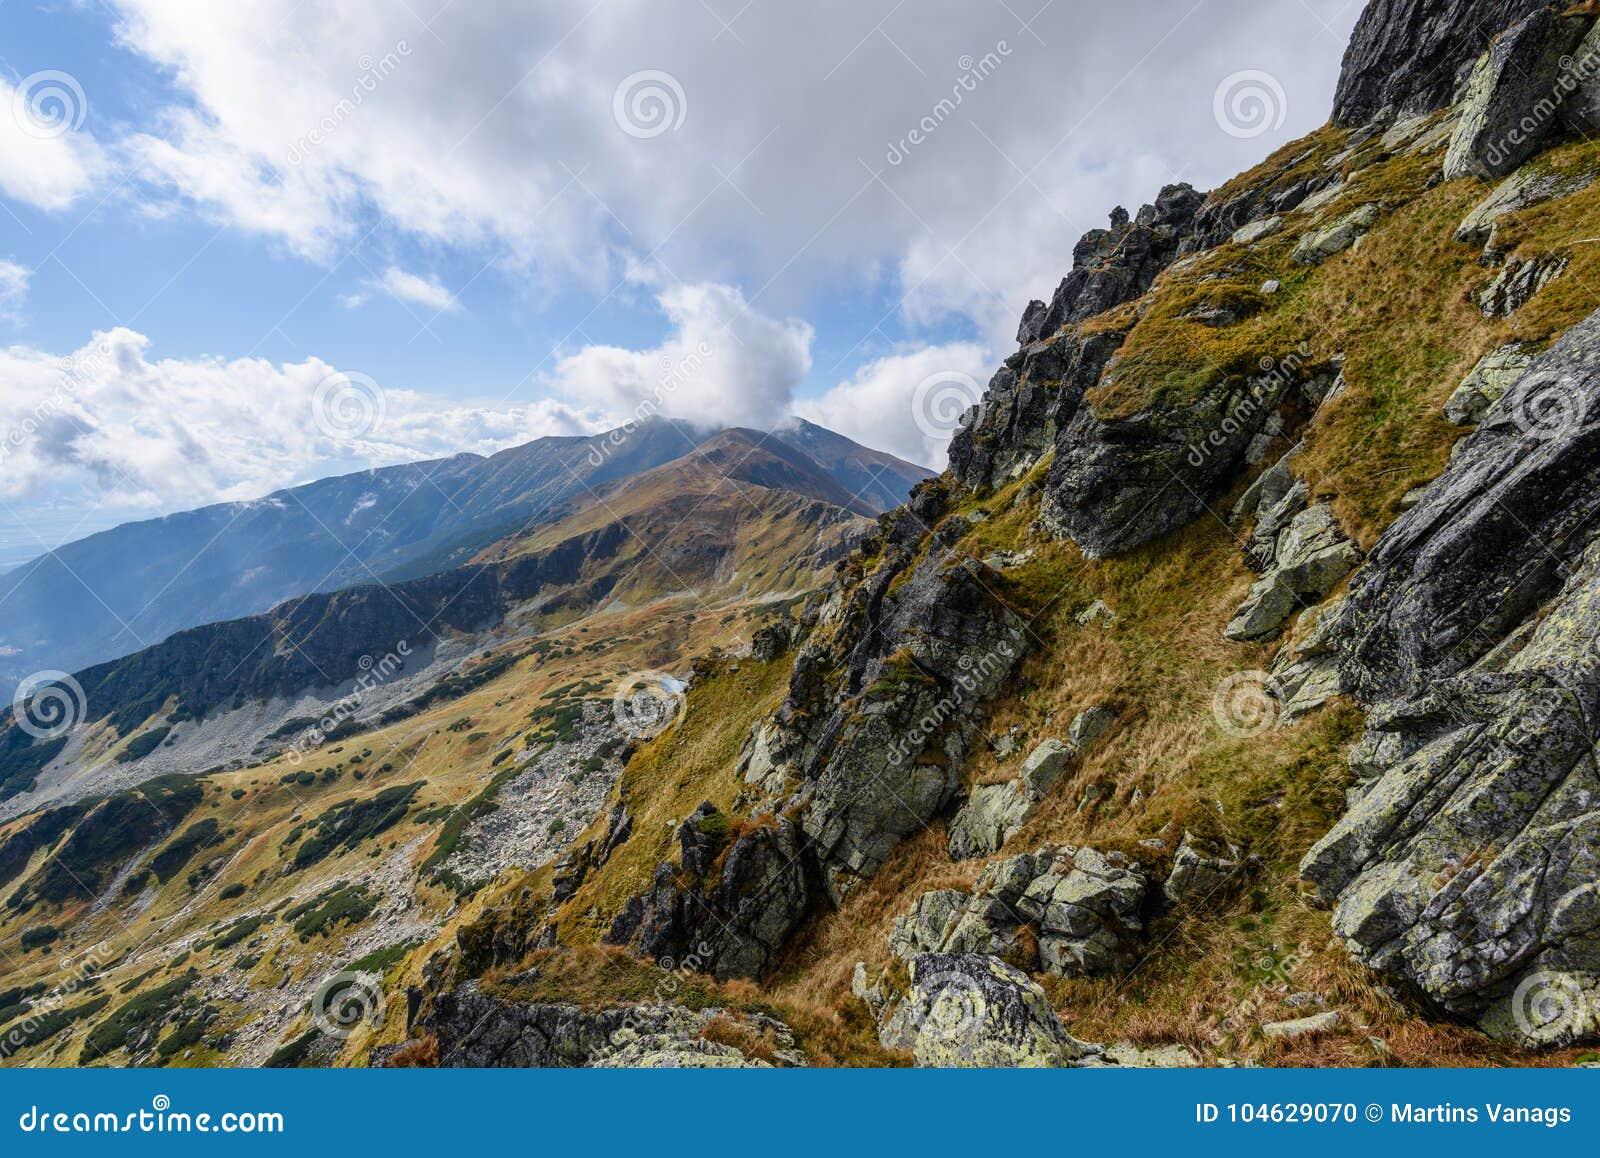 Download De Rotsachtige Mening Van Het Berg Piekgebied In Slowakije Stock Foto - Afbeelding bestaande uit schemer, fantasie: 104629070